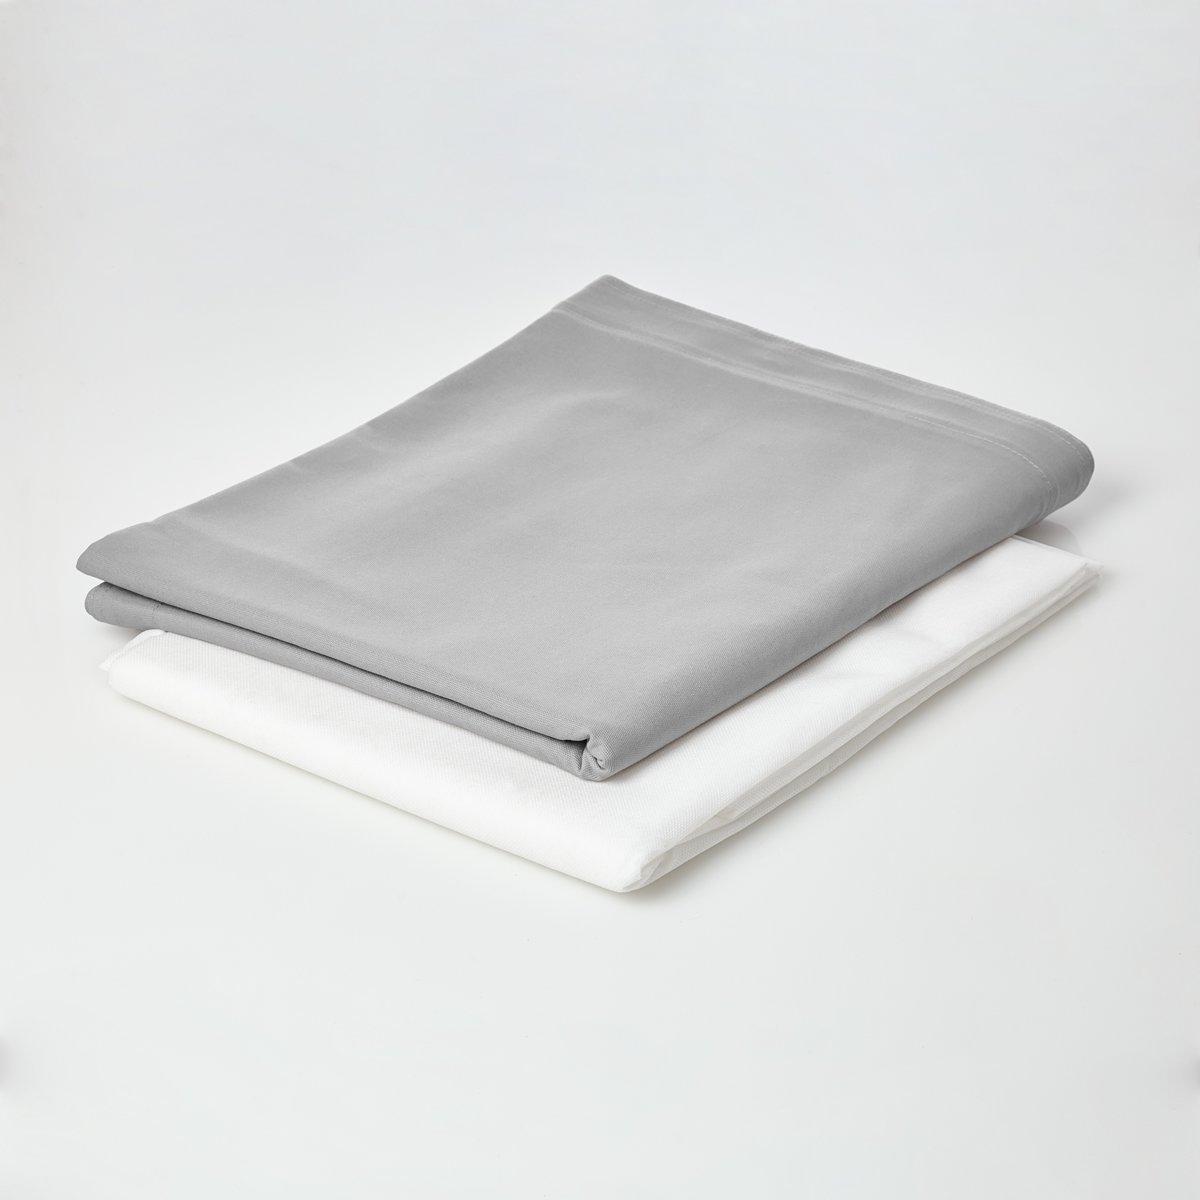 Lumaland - Hoes van luxe XXL zitzak - enkel de hoes zonder vulling - Volume 380 liter - 140 x 180 cm - gemaakt van 100% katoen - Grijs kopen